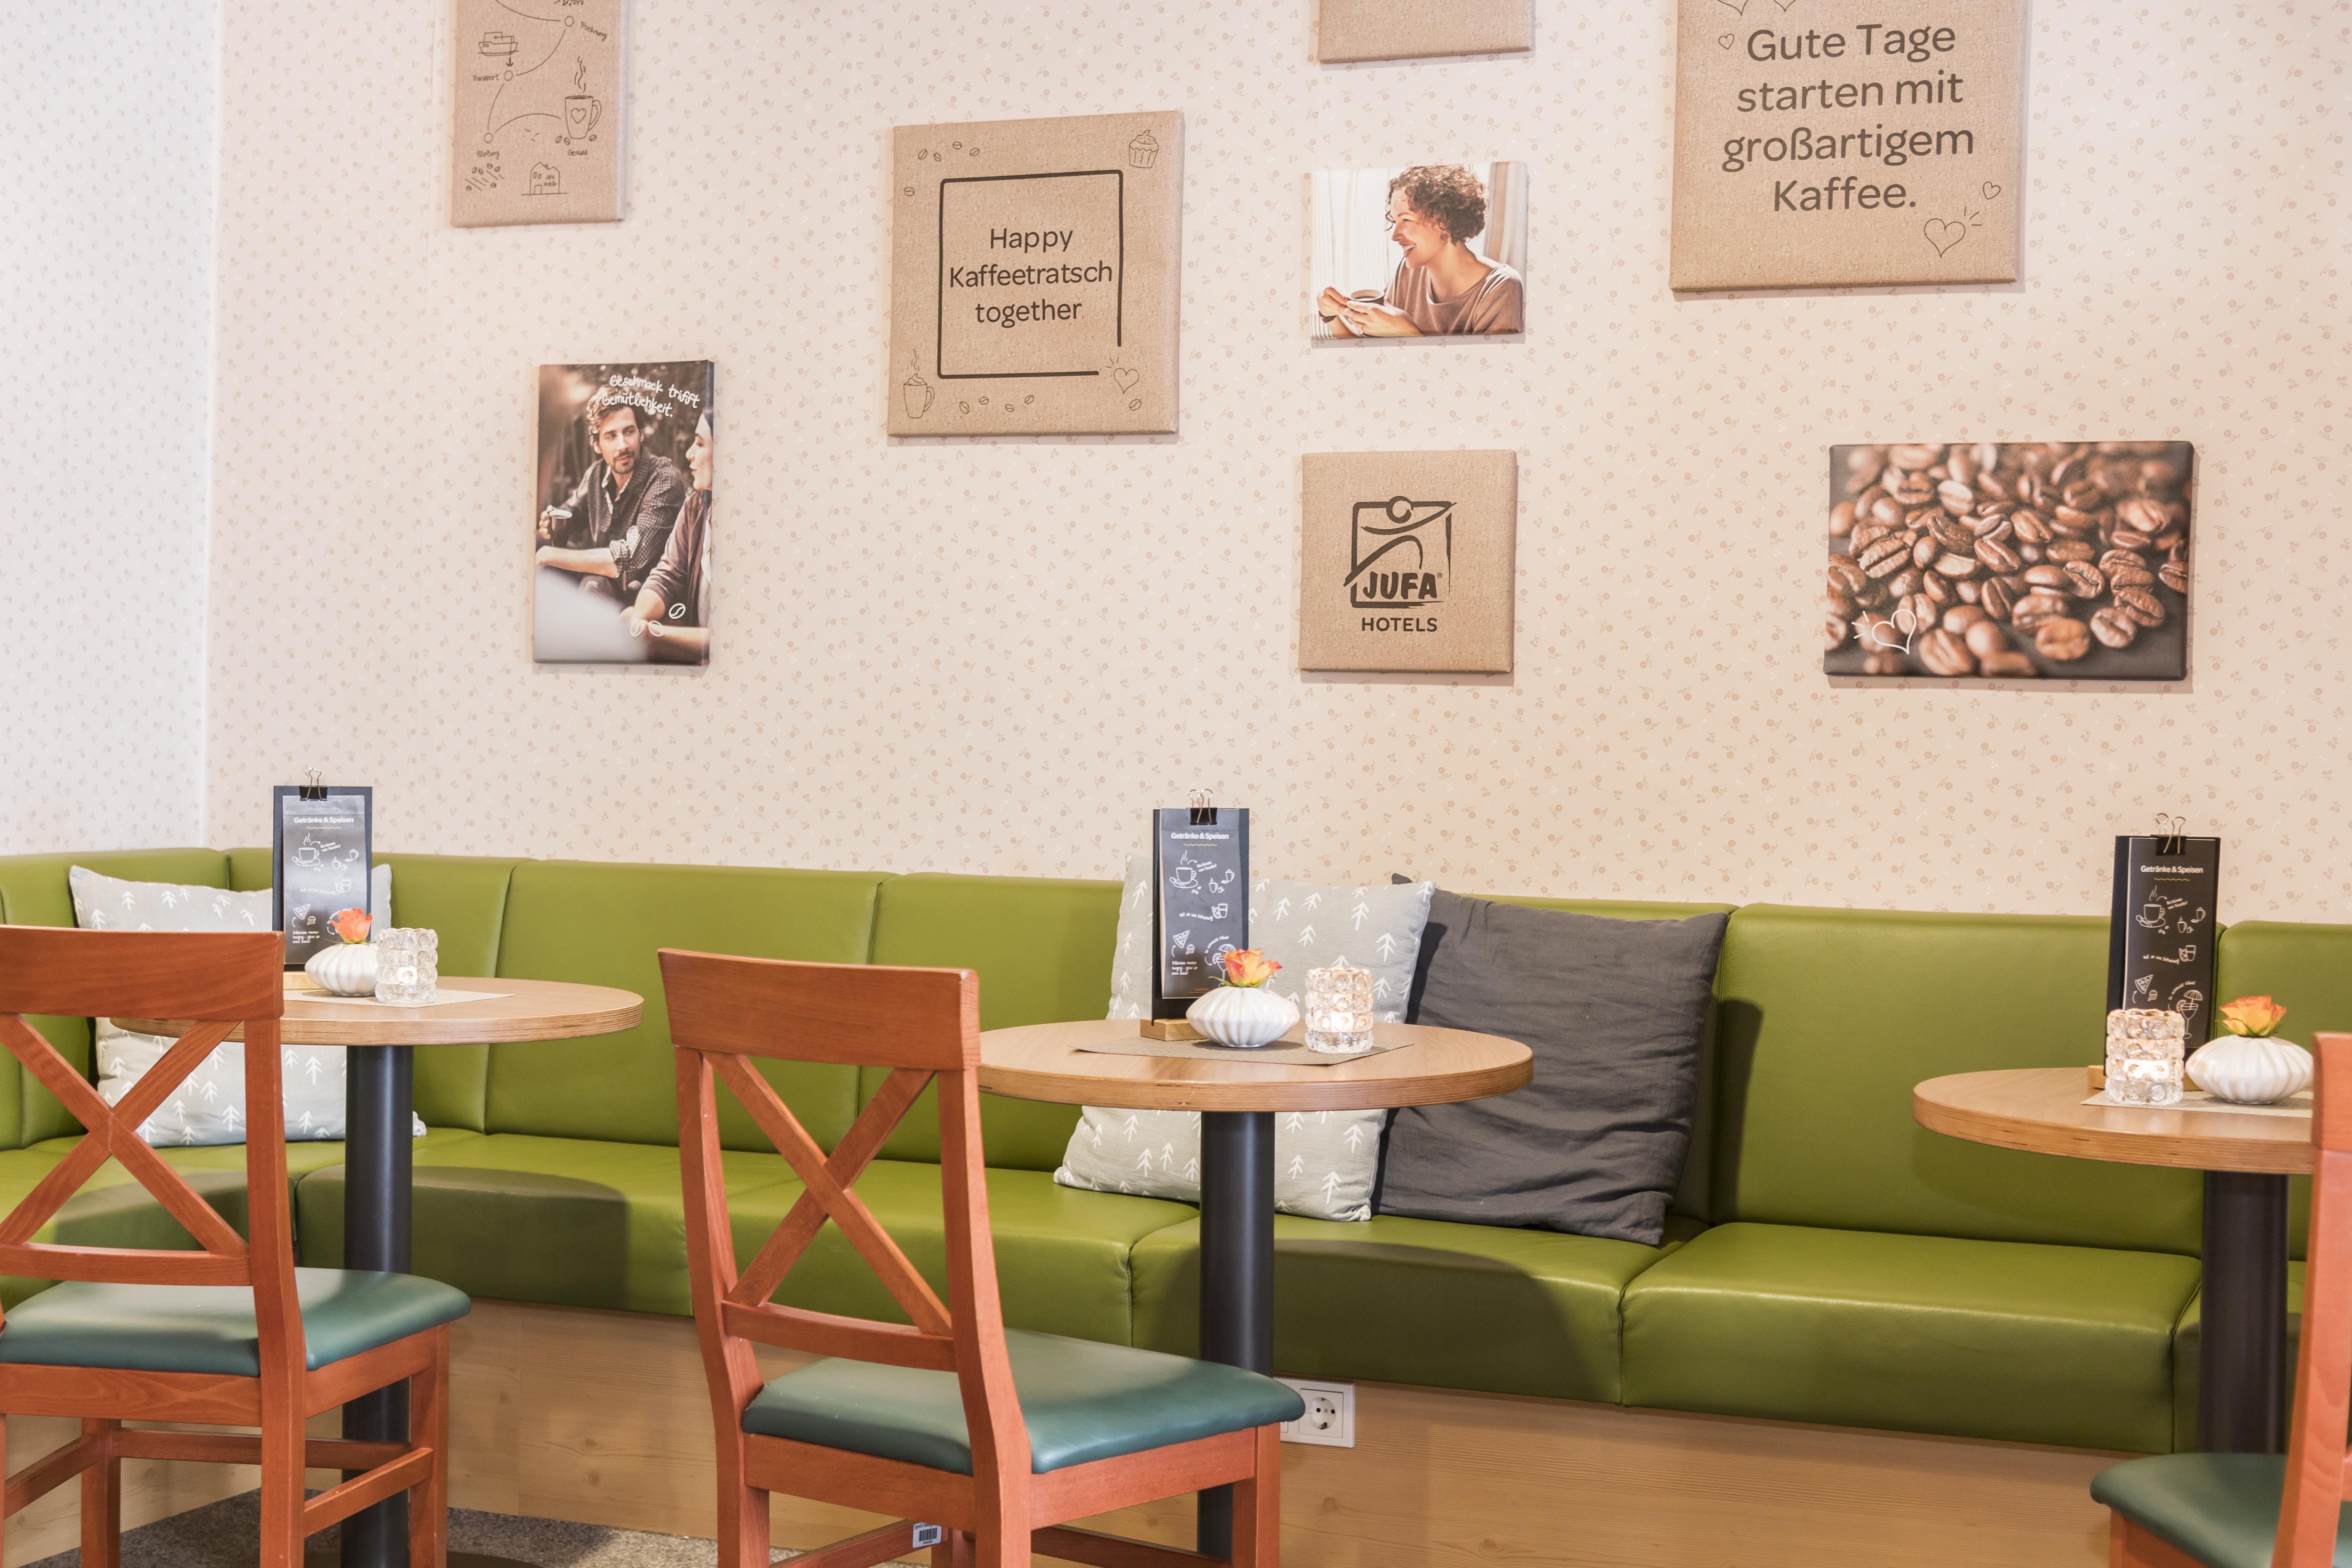 Sie sehen das gemütliche Café im JUFA Hotel Grundlsee*** mit Wandbildern. JUFA Hotels bietet erholsamen Familienurlaub und einen unvergesslichen Winterurlaub.